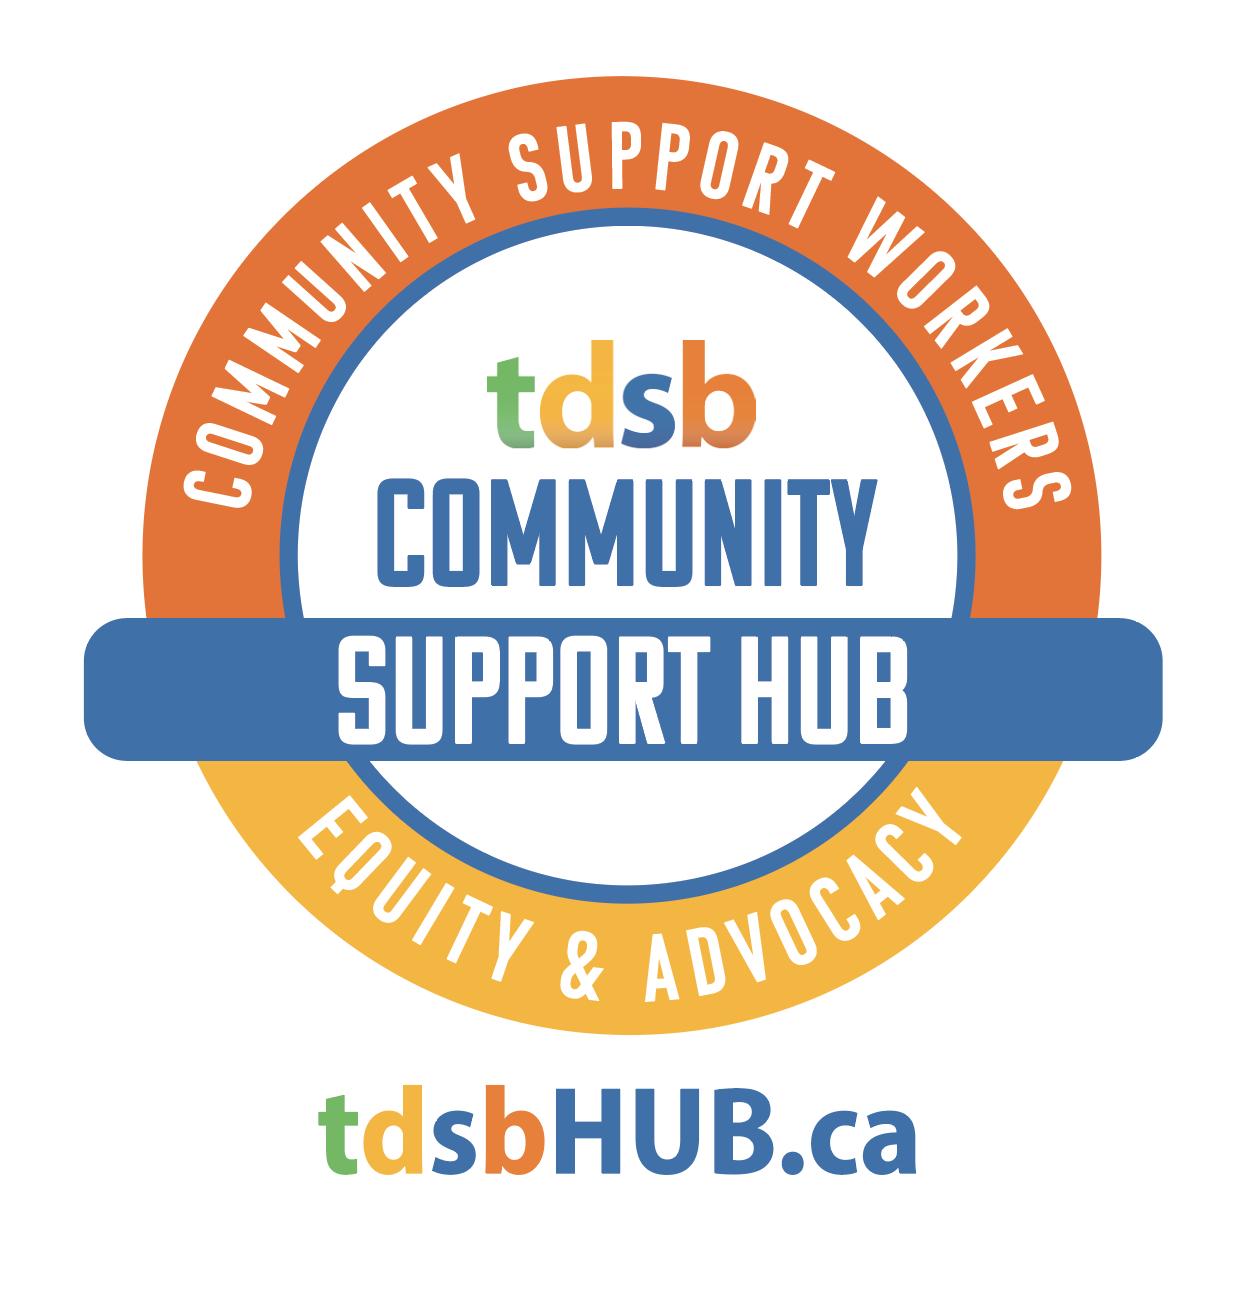 tdsbHUBca Logo